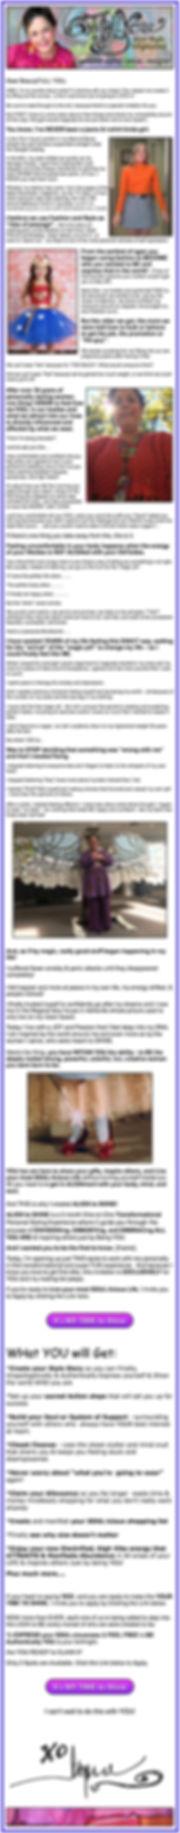 Screenshot_2019-08-21 iContact Create an